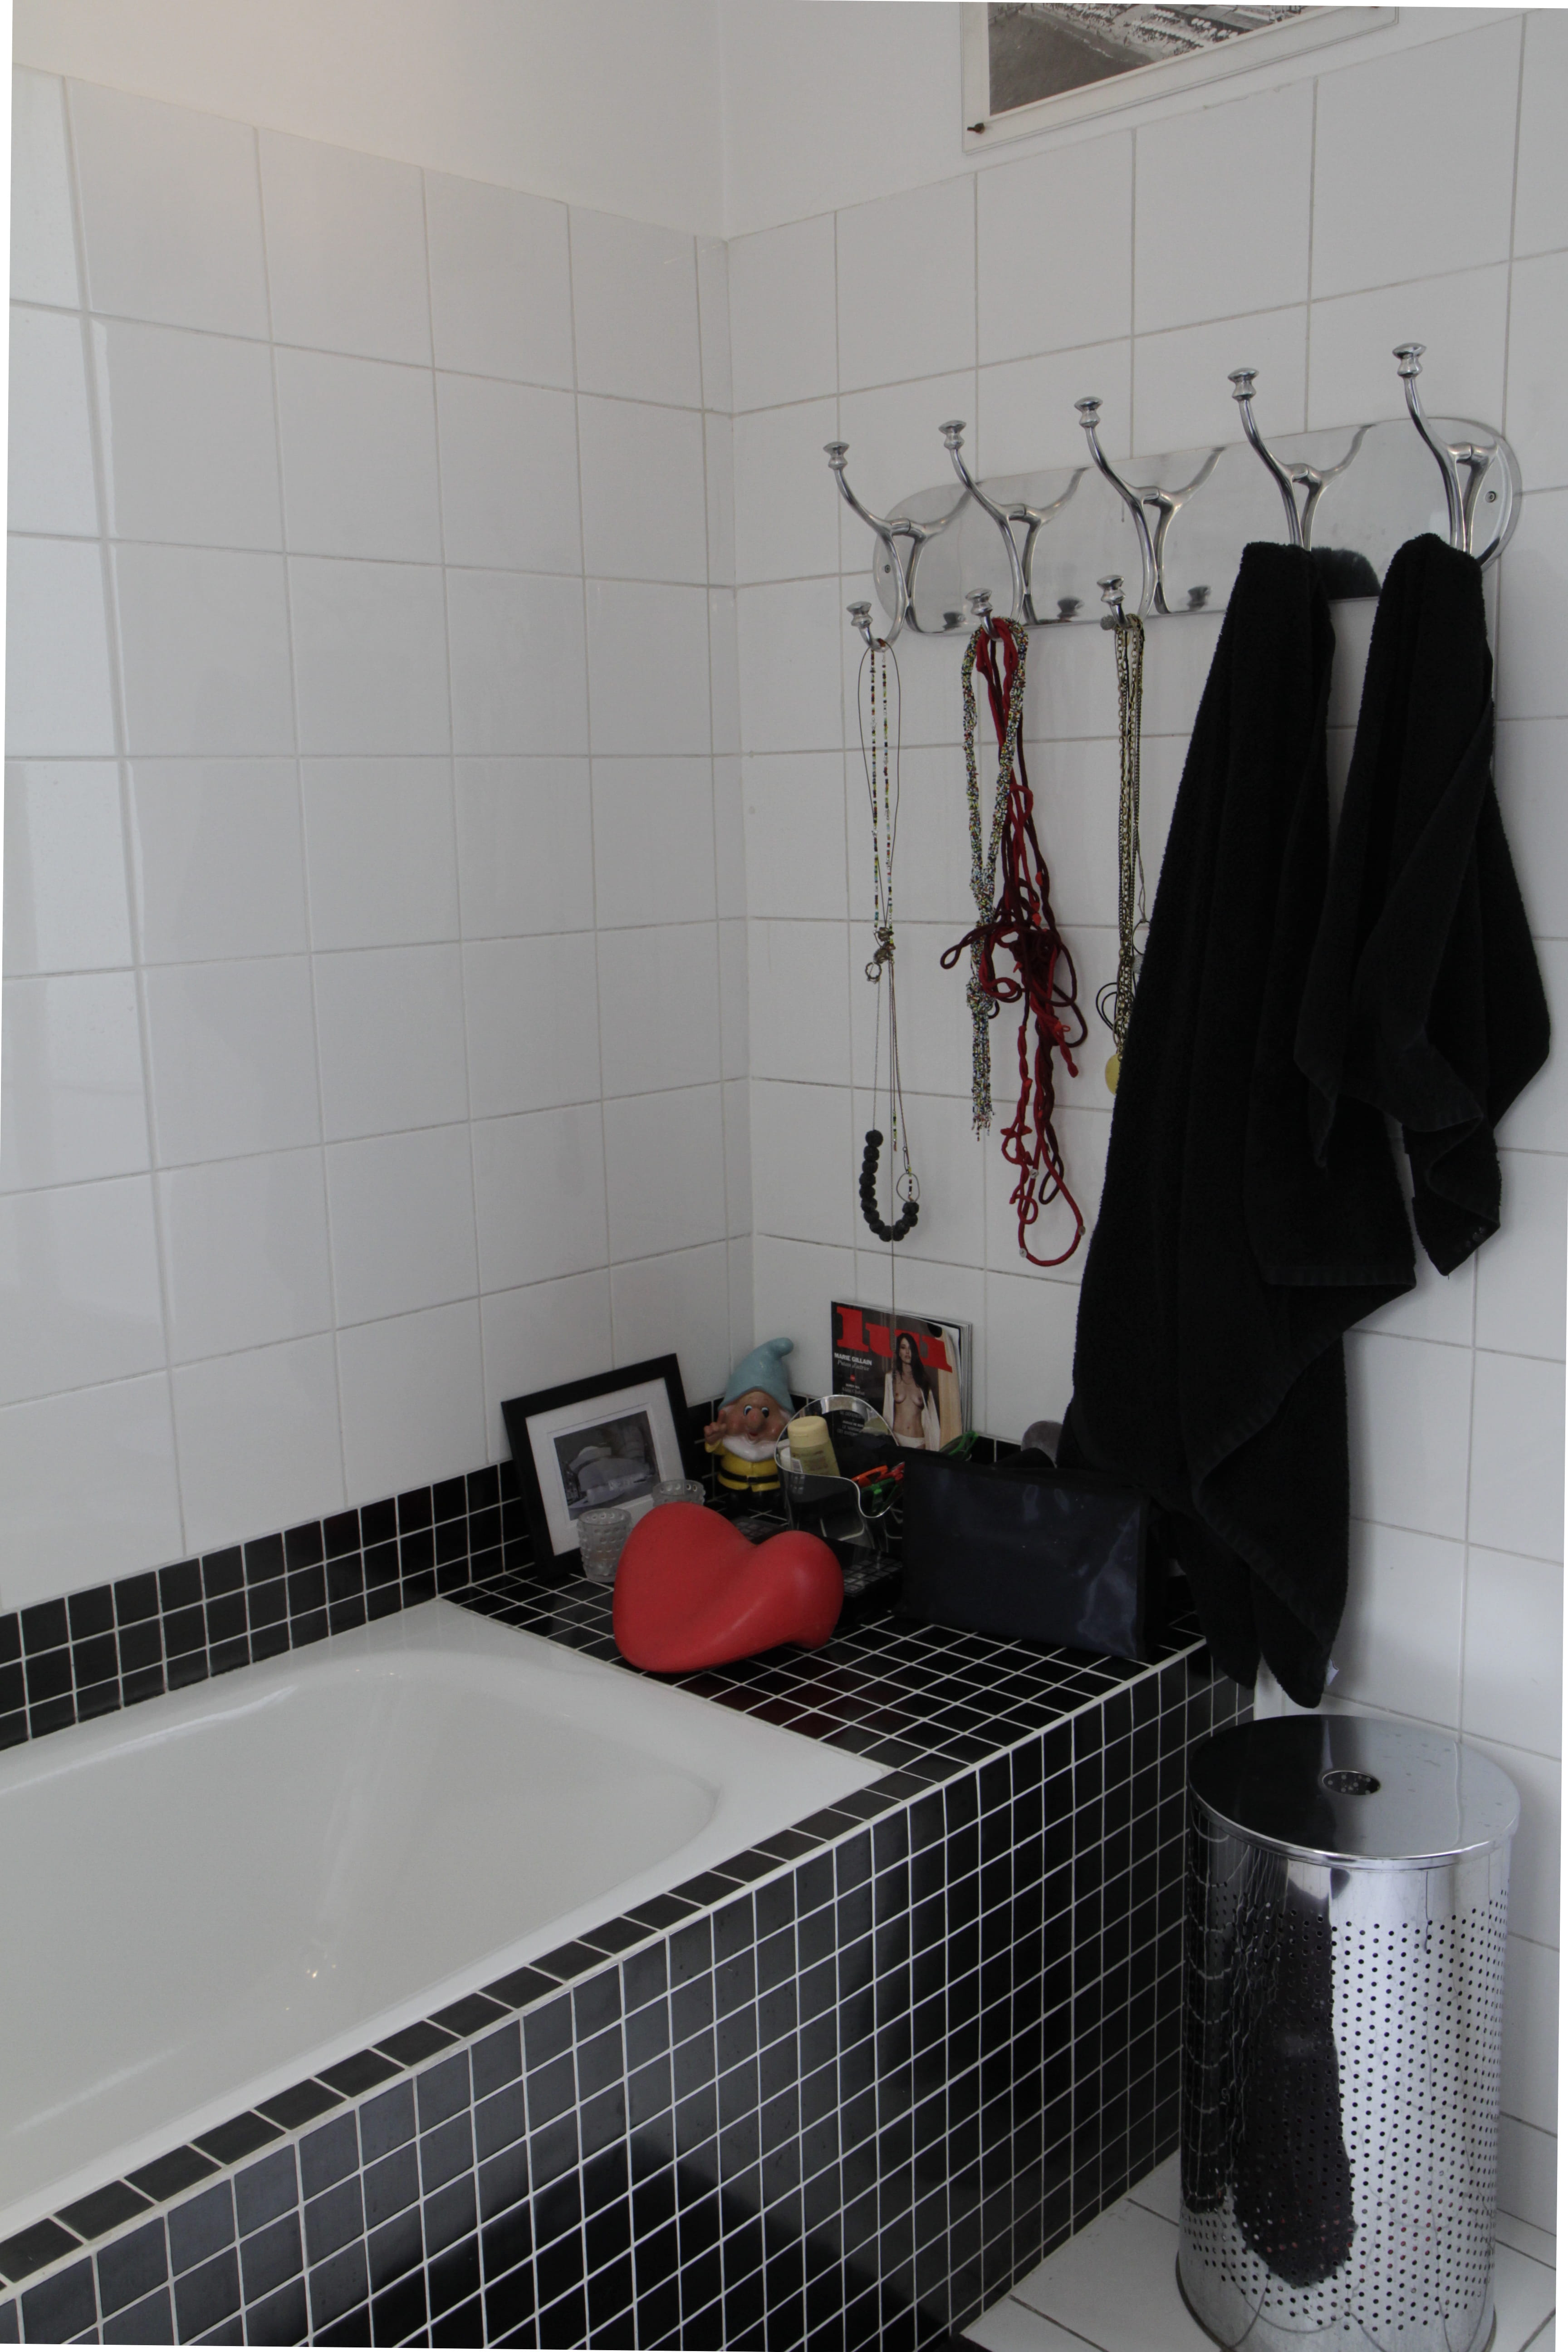 Deco petite salle de bain noir et blanc salle de bains - Salle de bain en noir et blanc ...